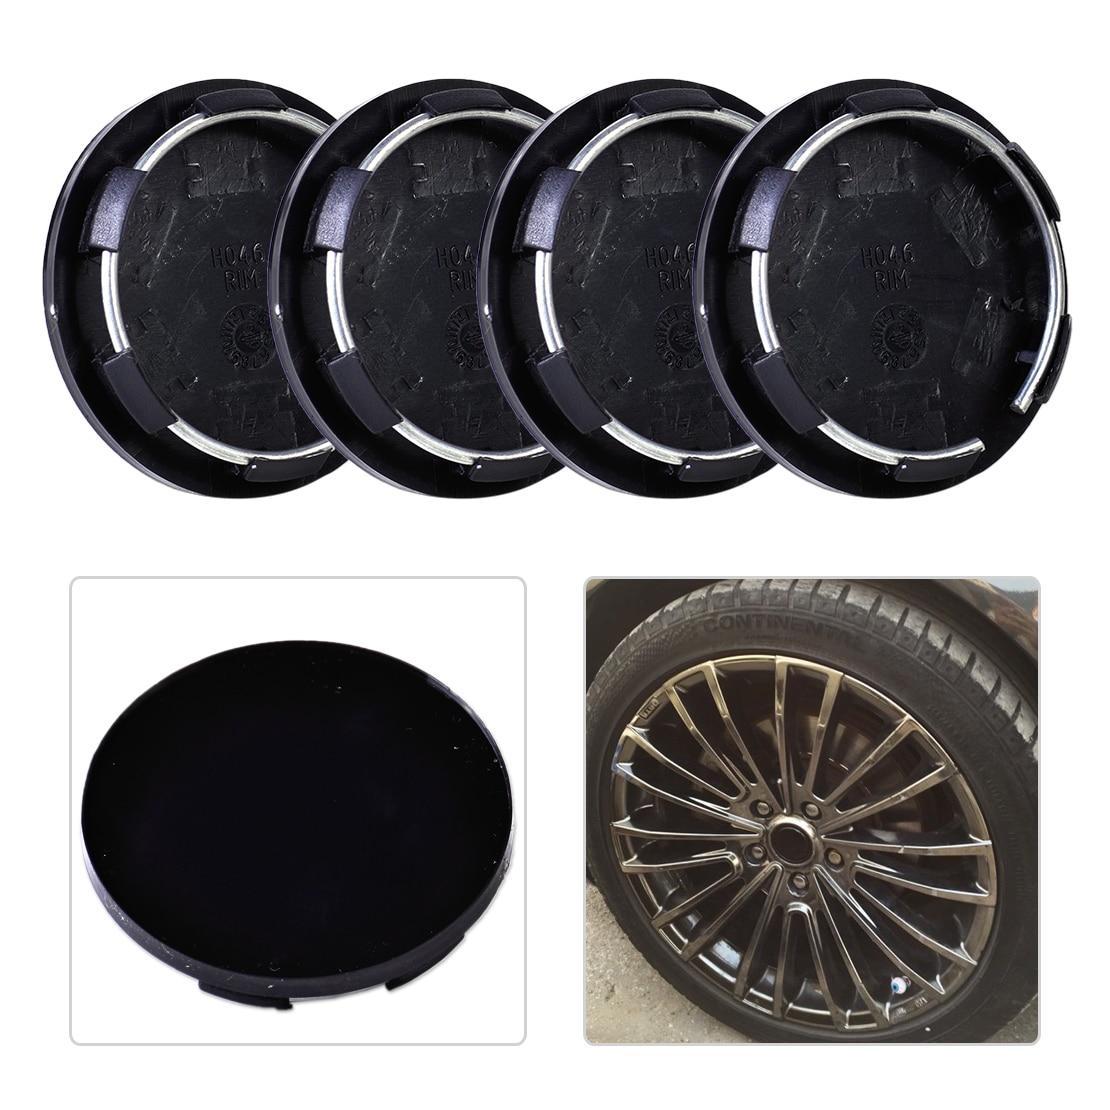 Beler 4 Uds 50mm rueda de plástico Centro Juego de tapacubos Ajuste de neumático llanta, cubo tapas cubiertas coche Auto para VW Audi Ford Toyota Chevrolet Nissan